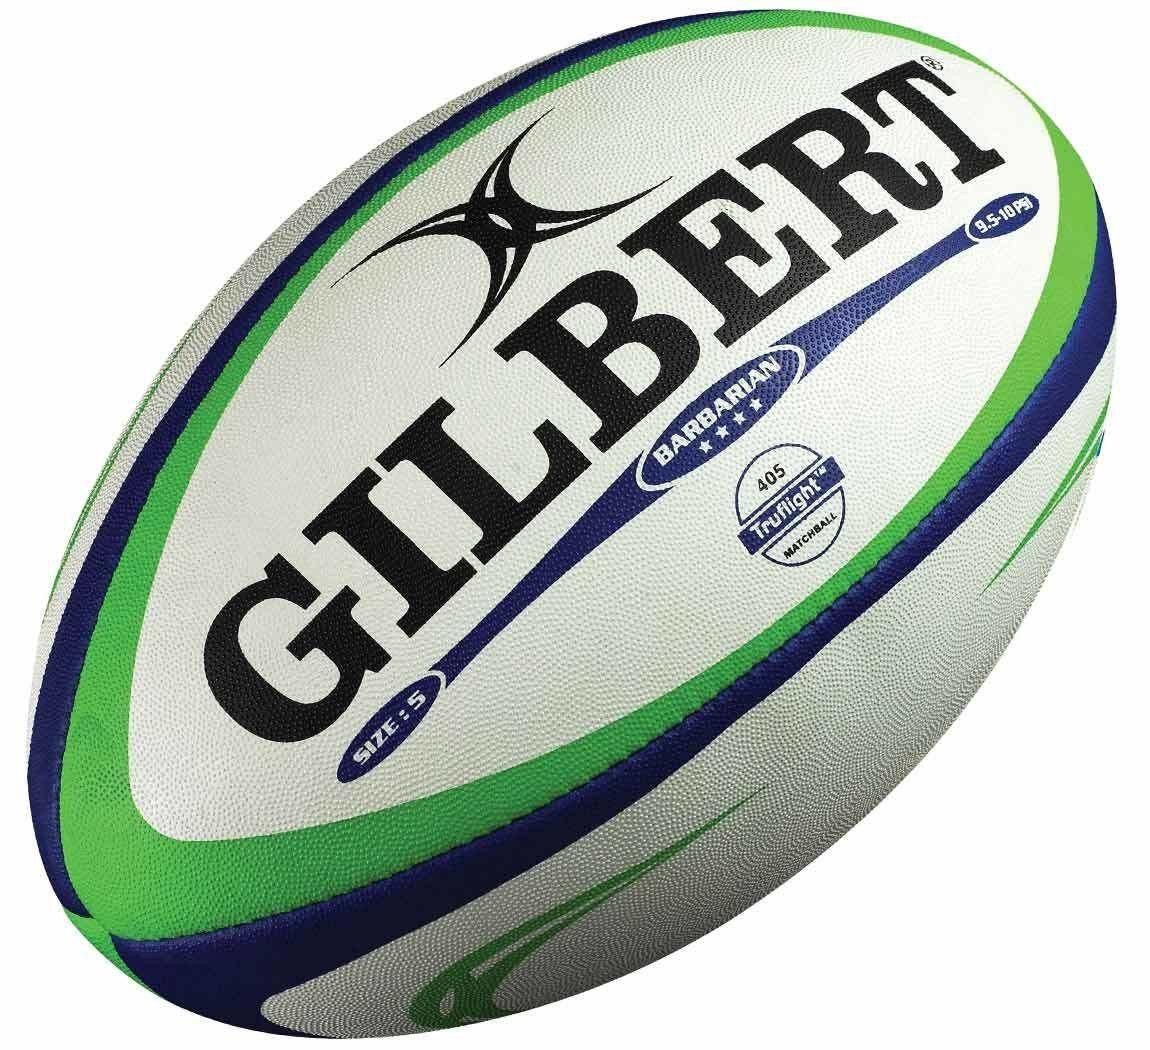 Gilbert Barbarian Match Ball Rugby Ball Rugby Balls Gilbert Rugby Ball